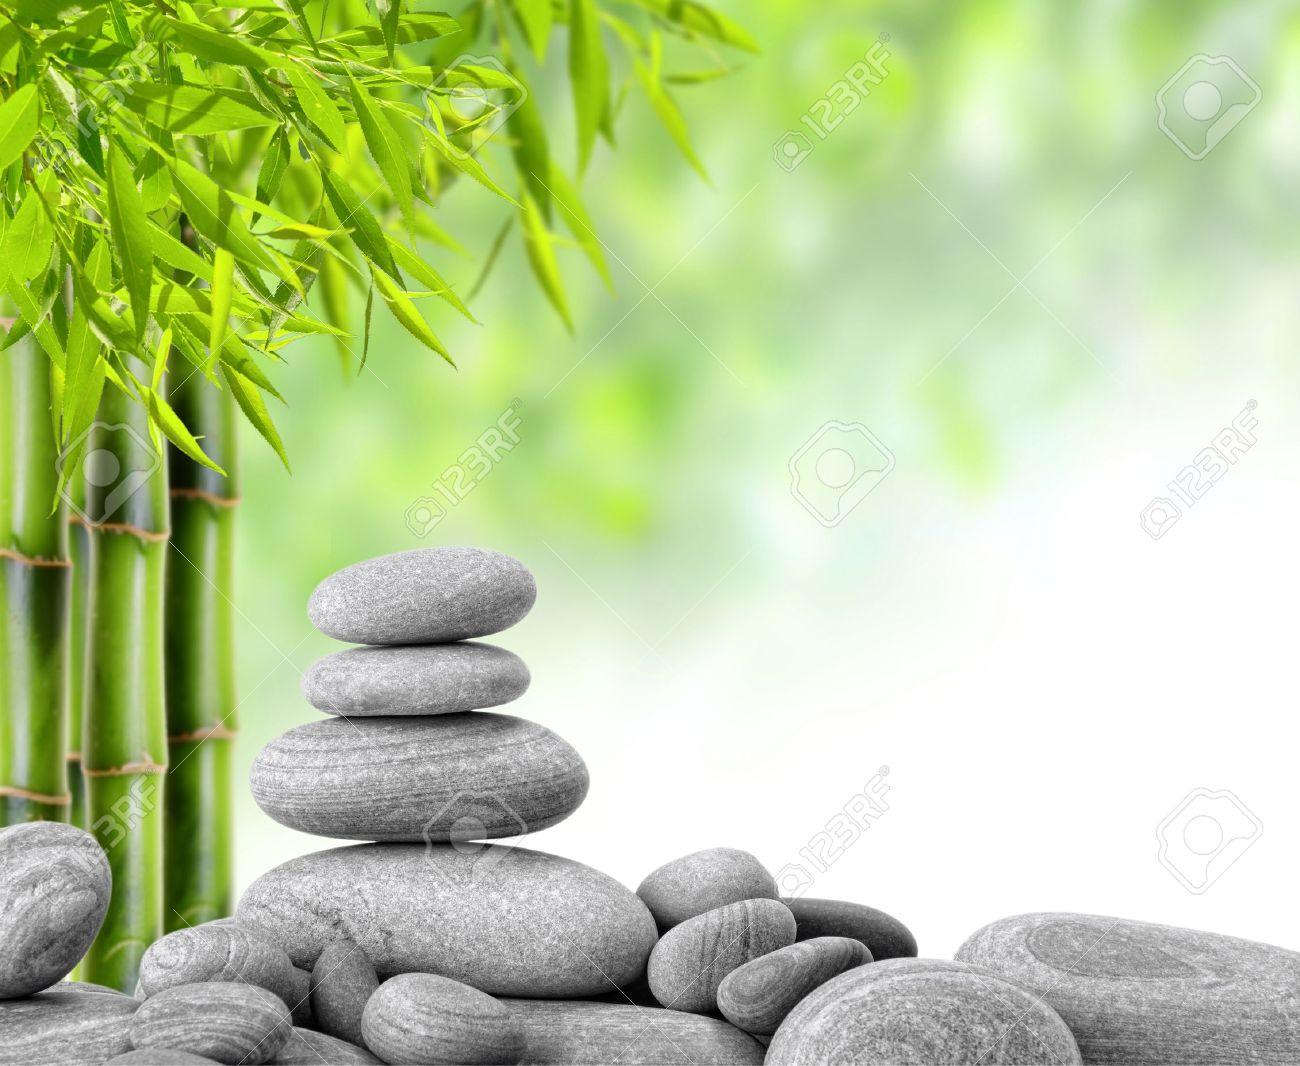 zen piedras de basalto y de bamb foto de archivo piedras zen with piedra zen - Piedras Zen